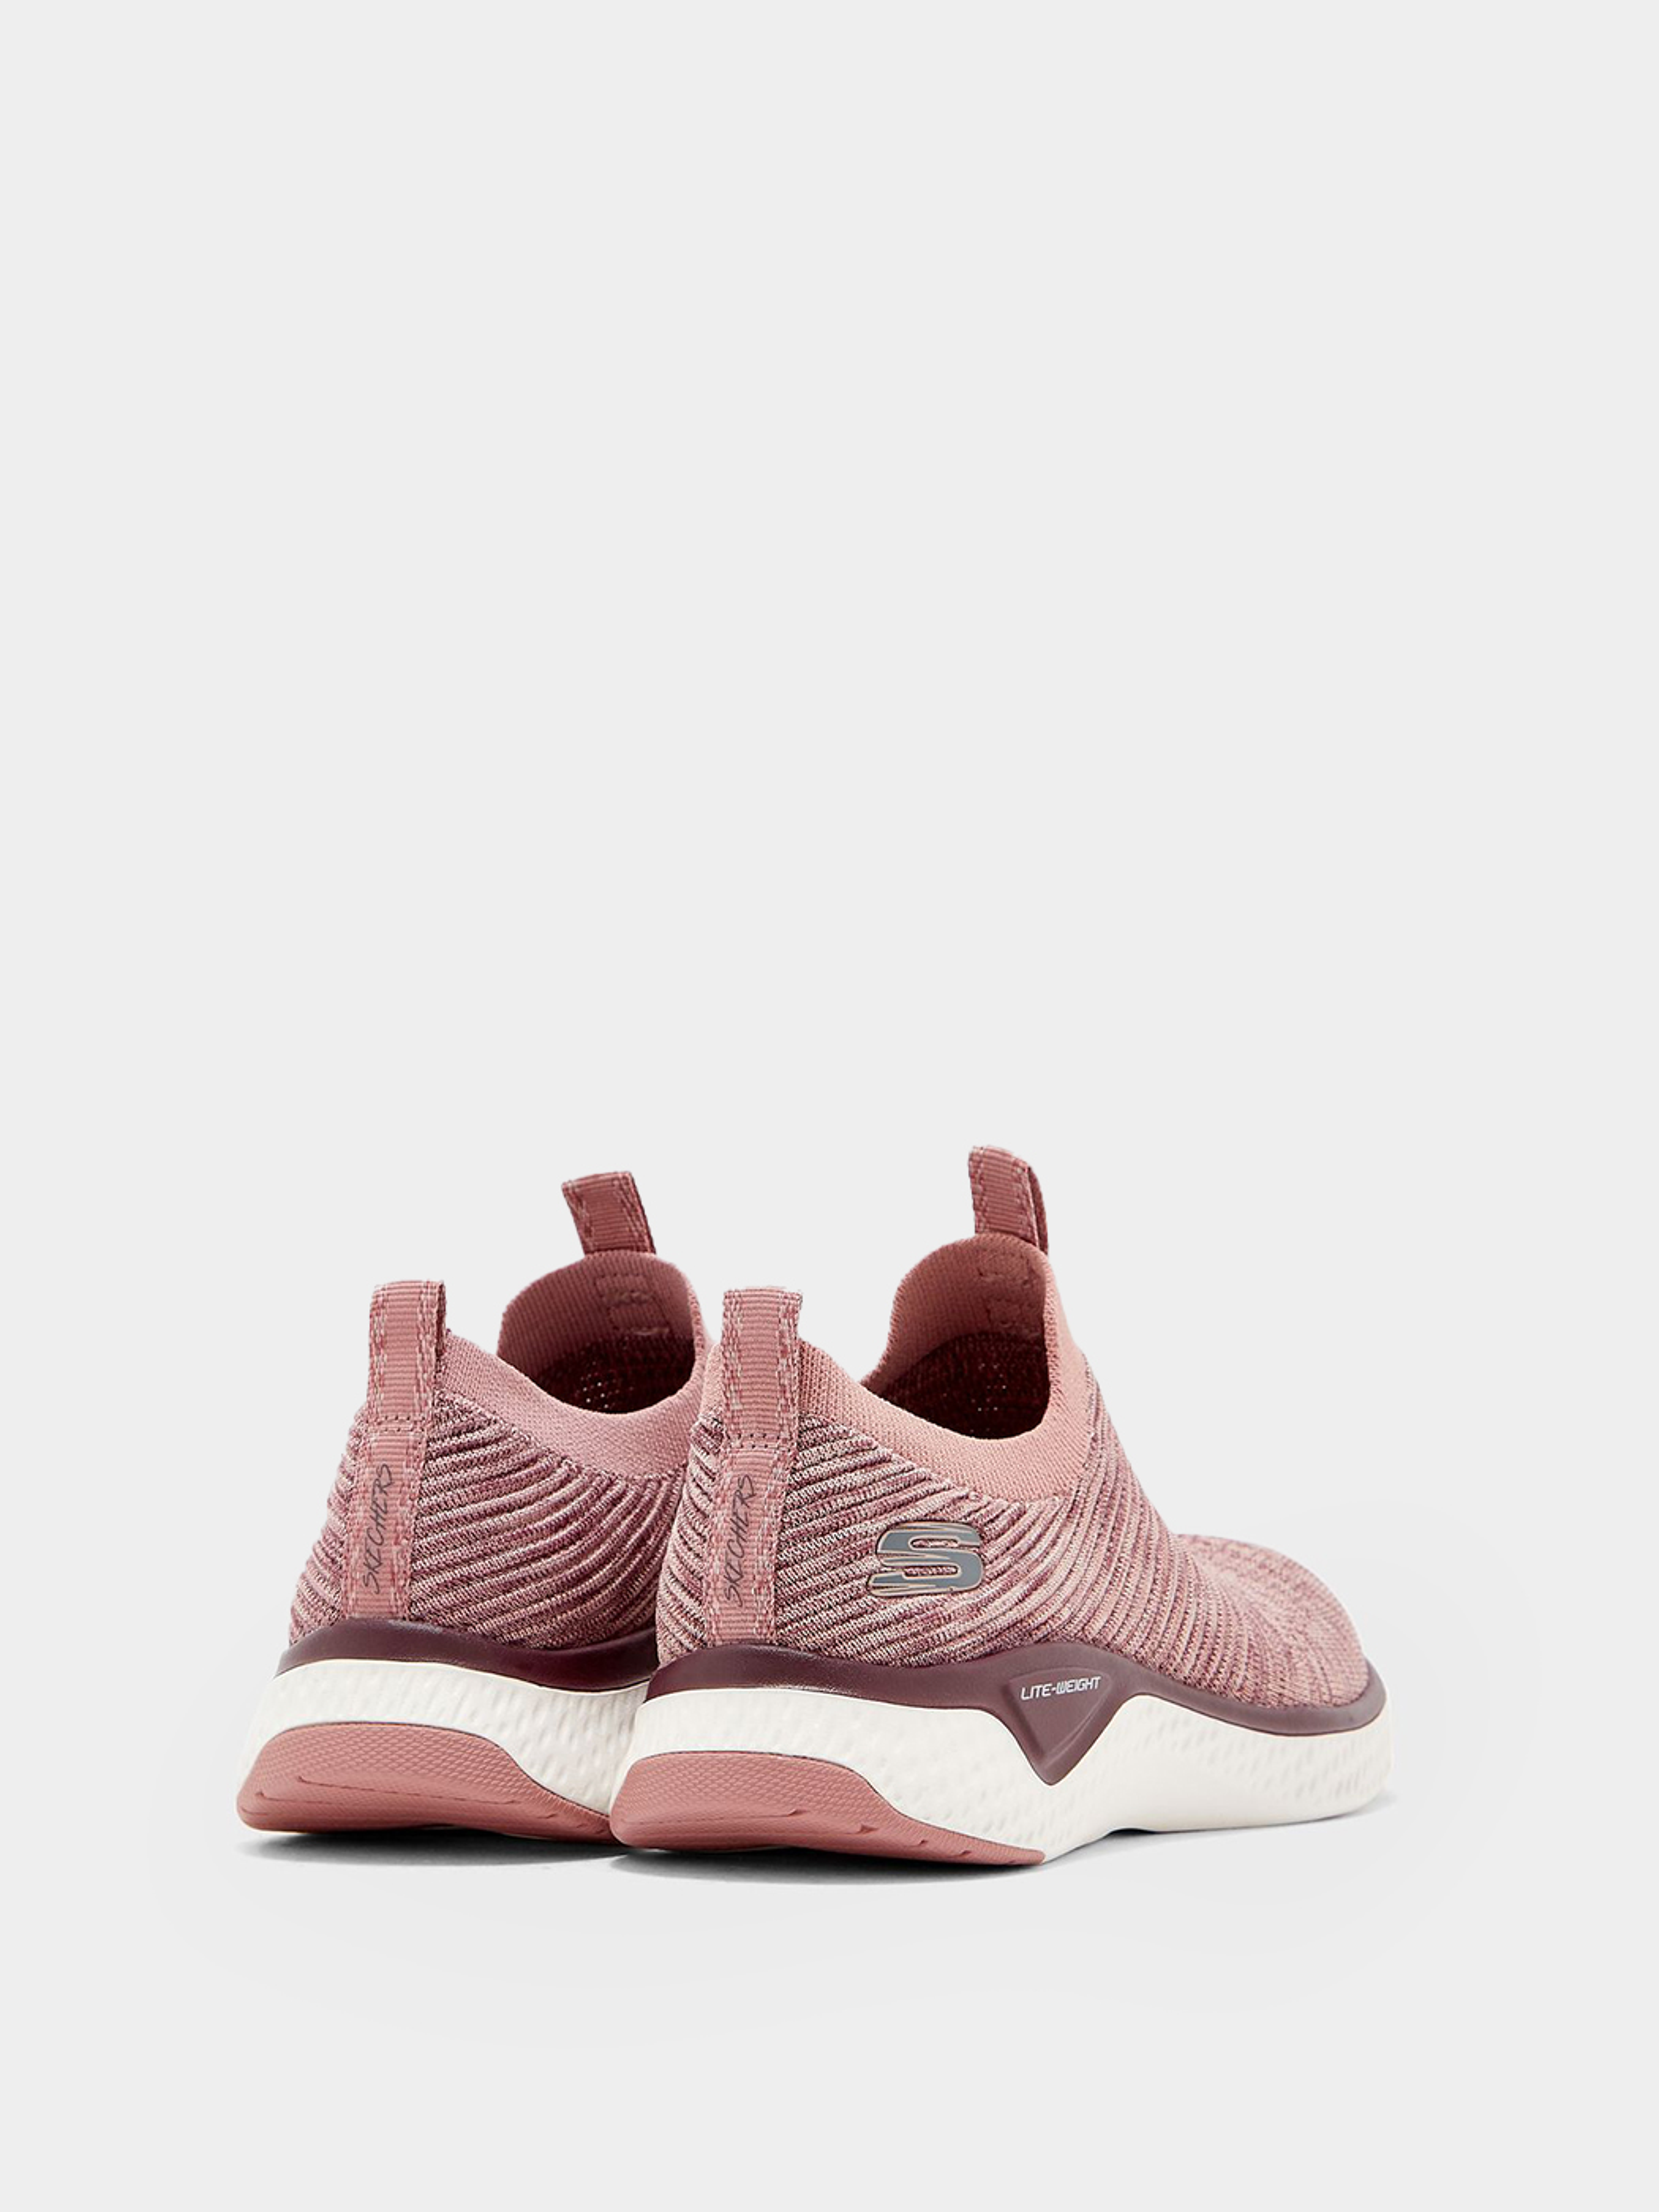 Кроссовки для женщин Skechers KW5165 стоимость, 2017